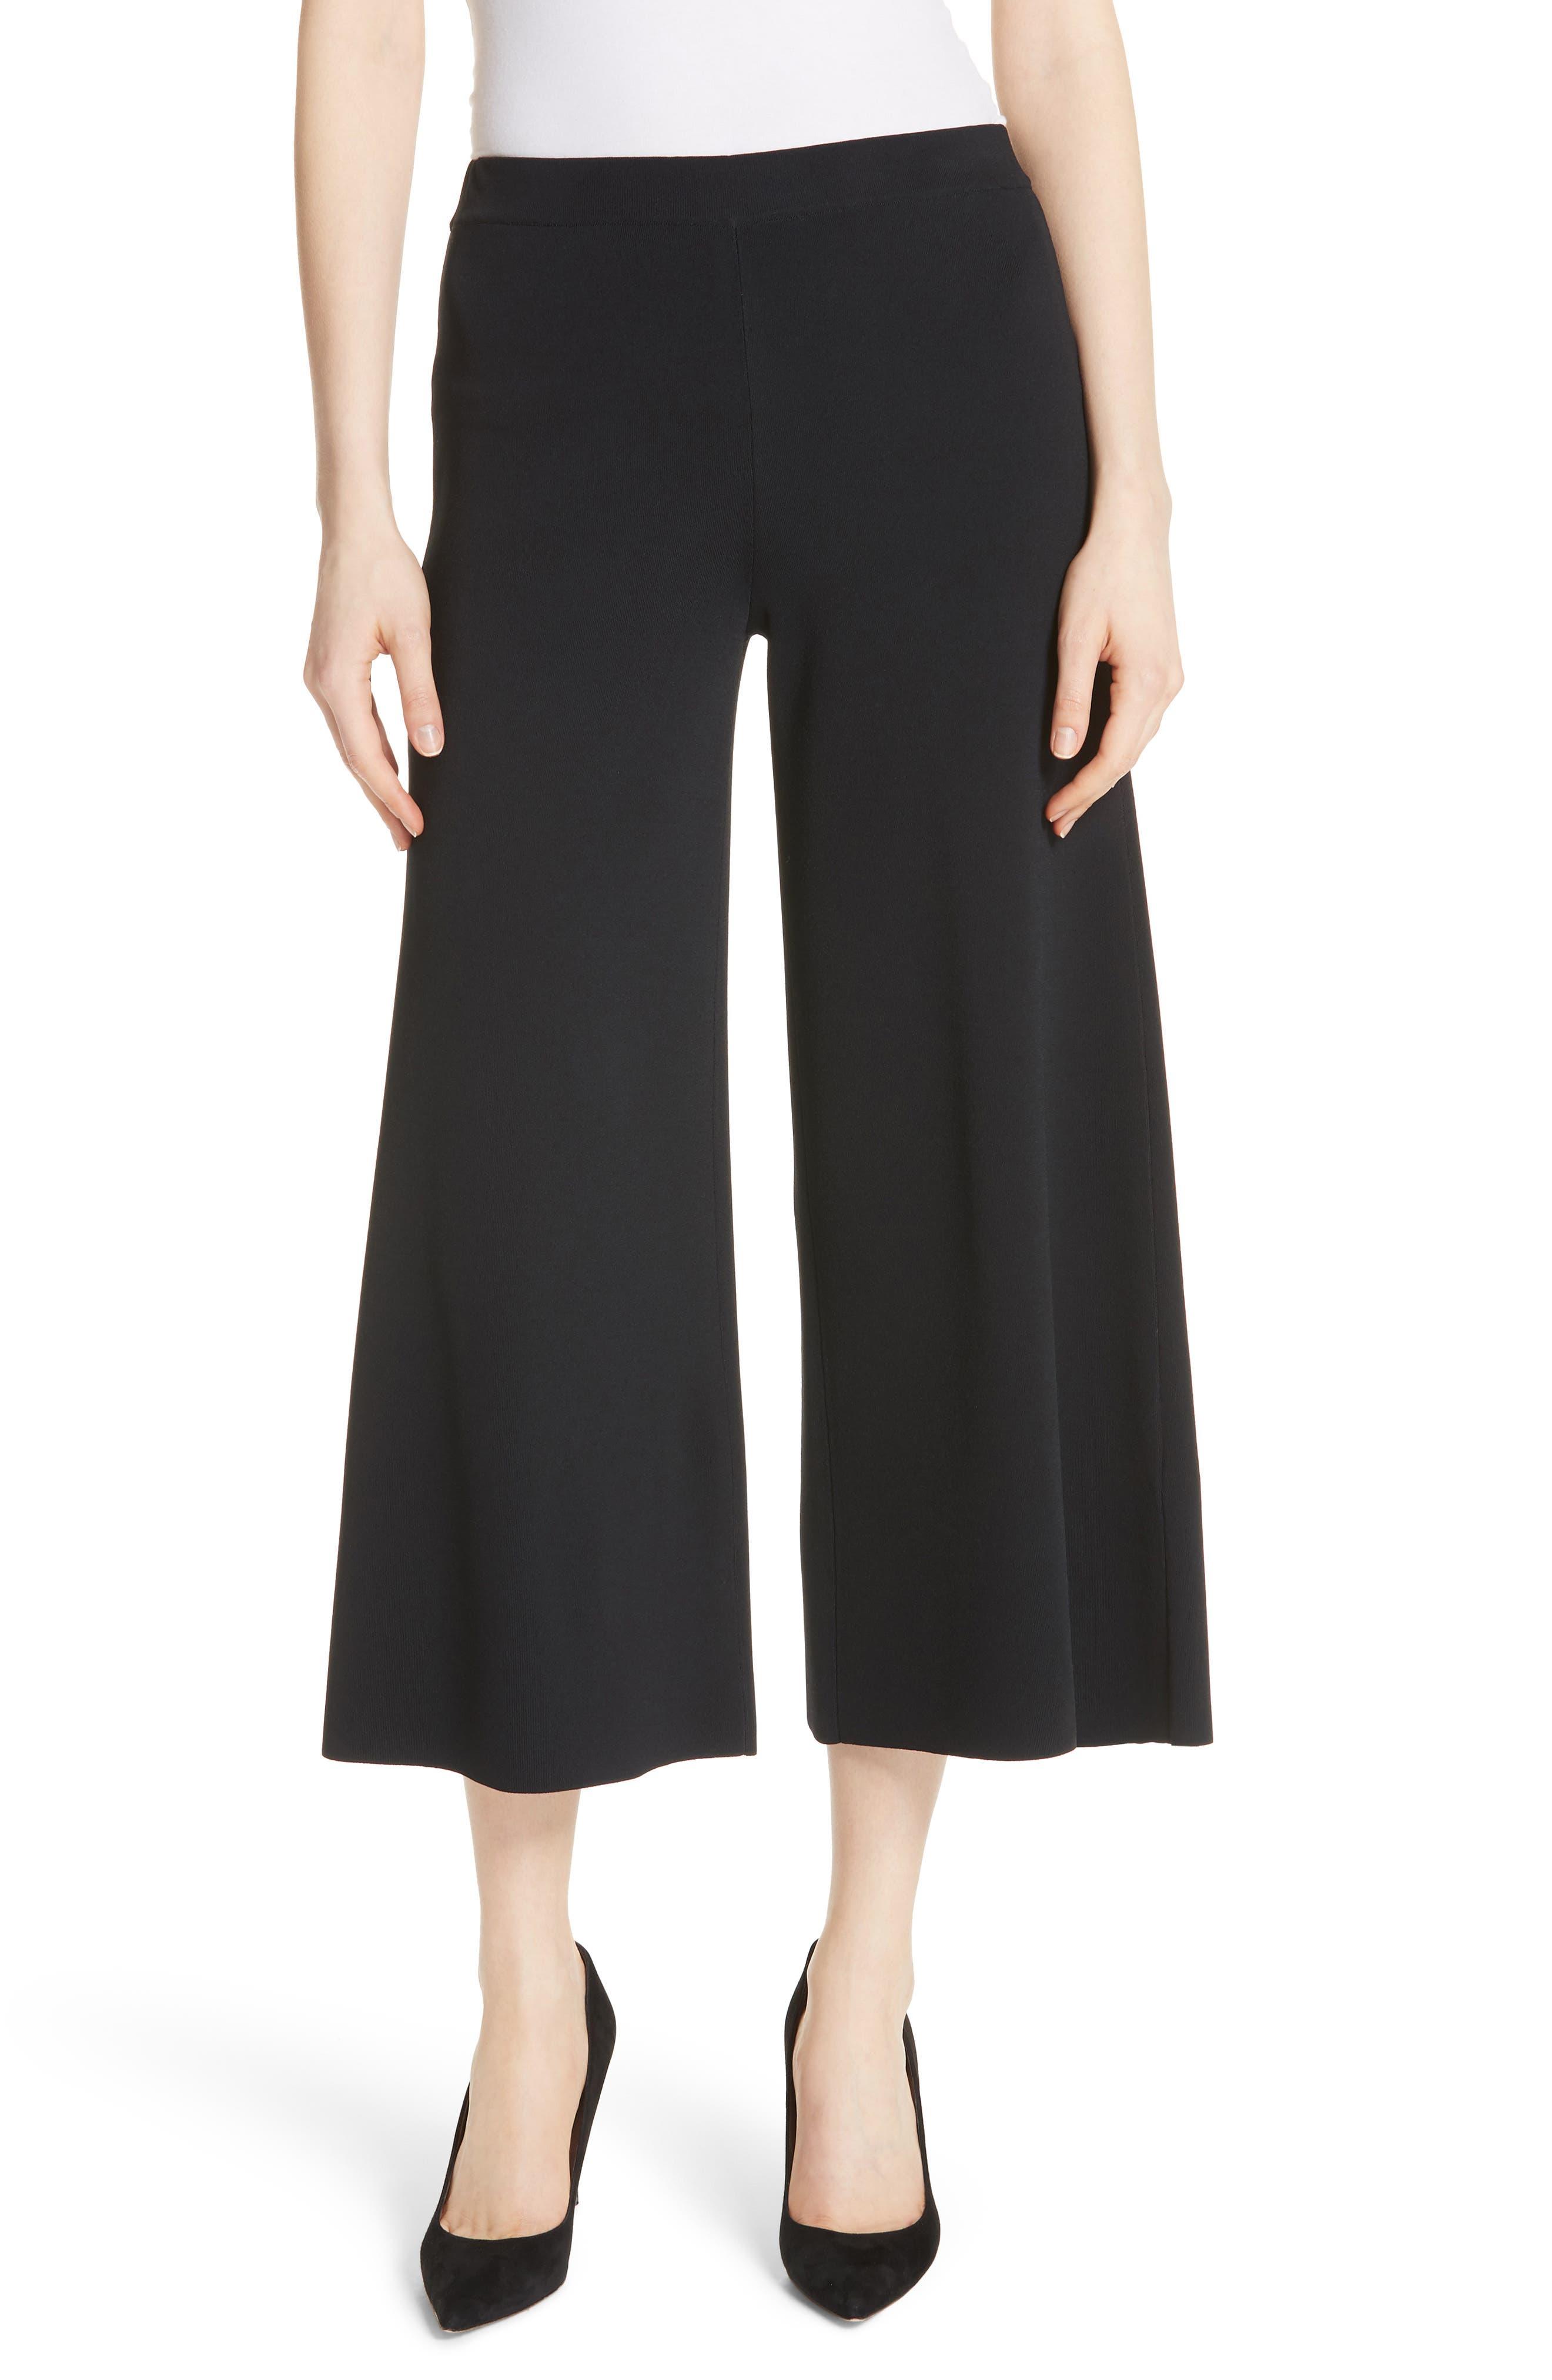 Henriet K Lustrate Wide Leg Crop Pants,                             Main thumbnail 1, color,                             Black